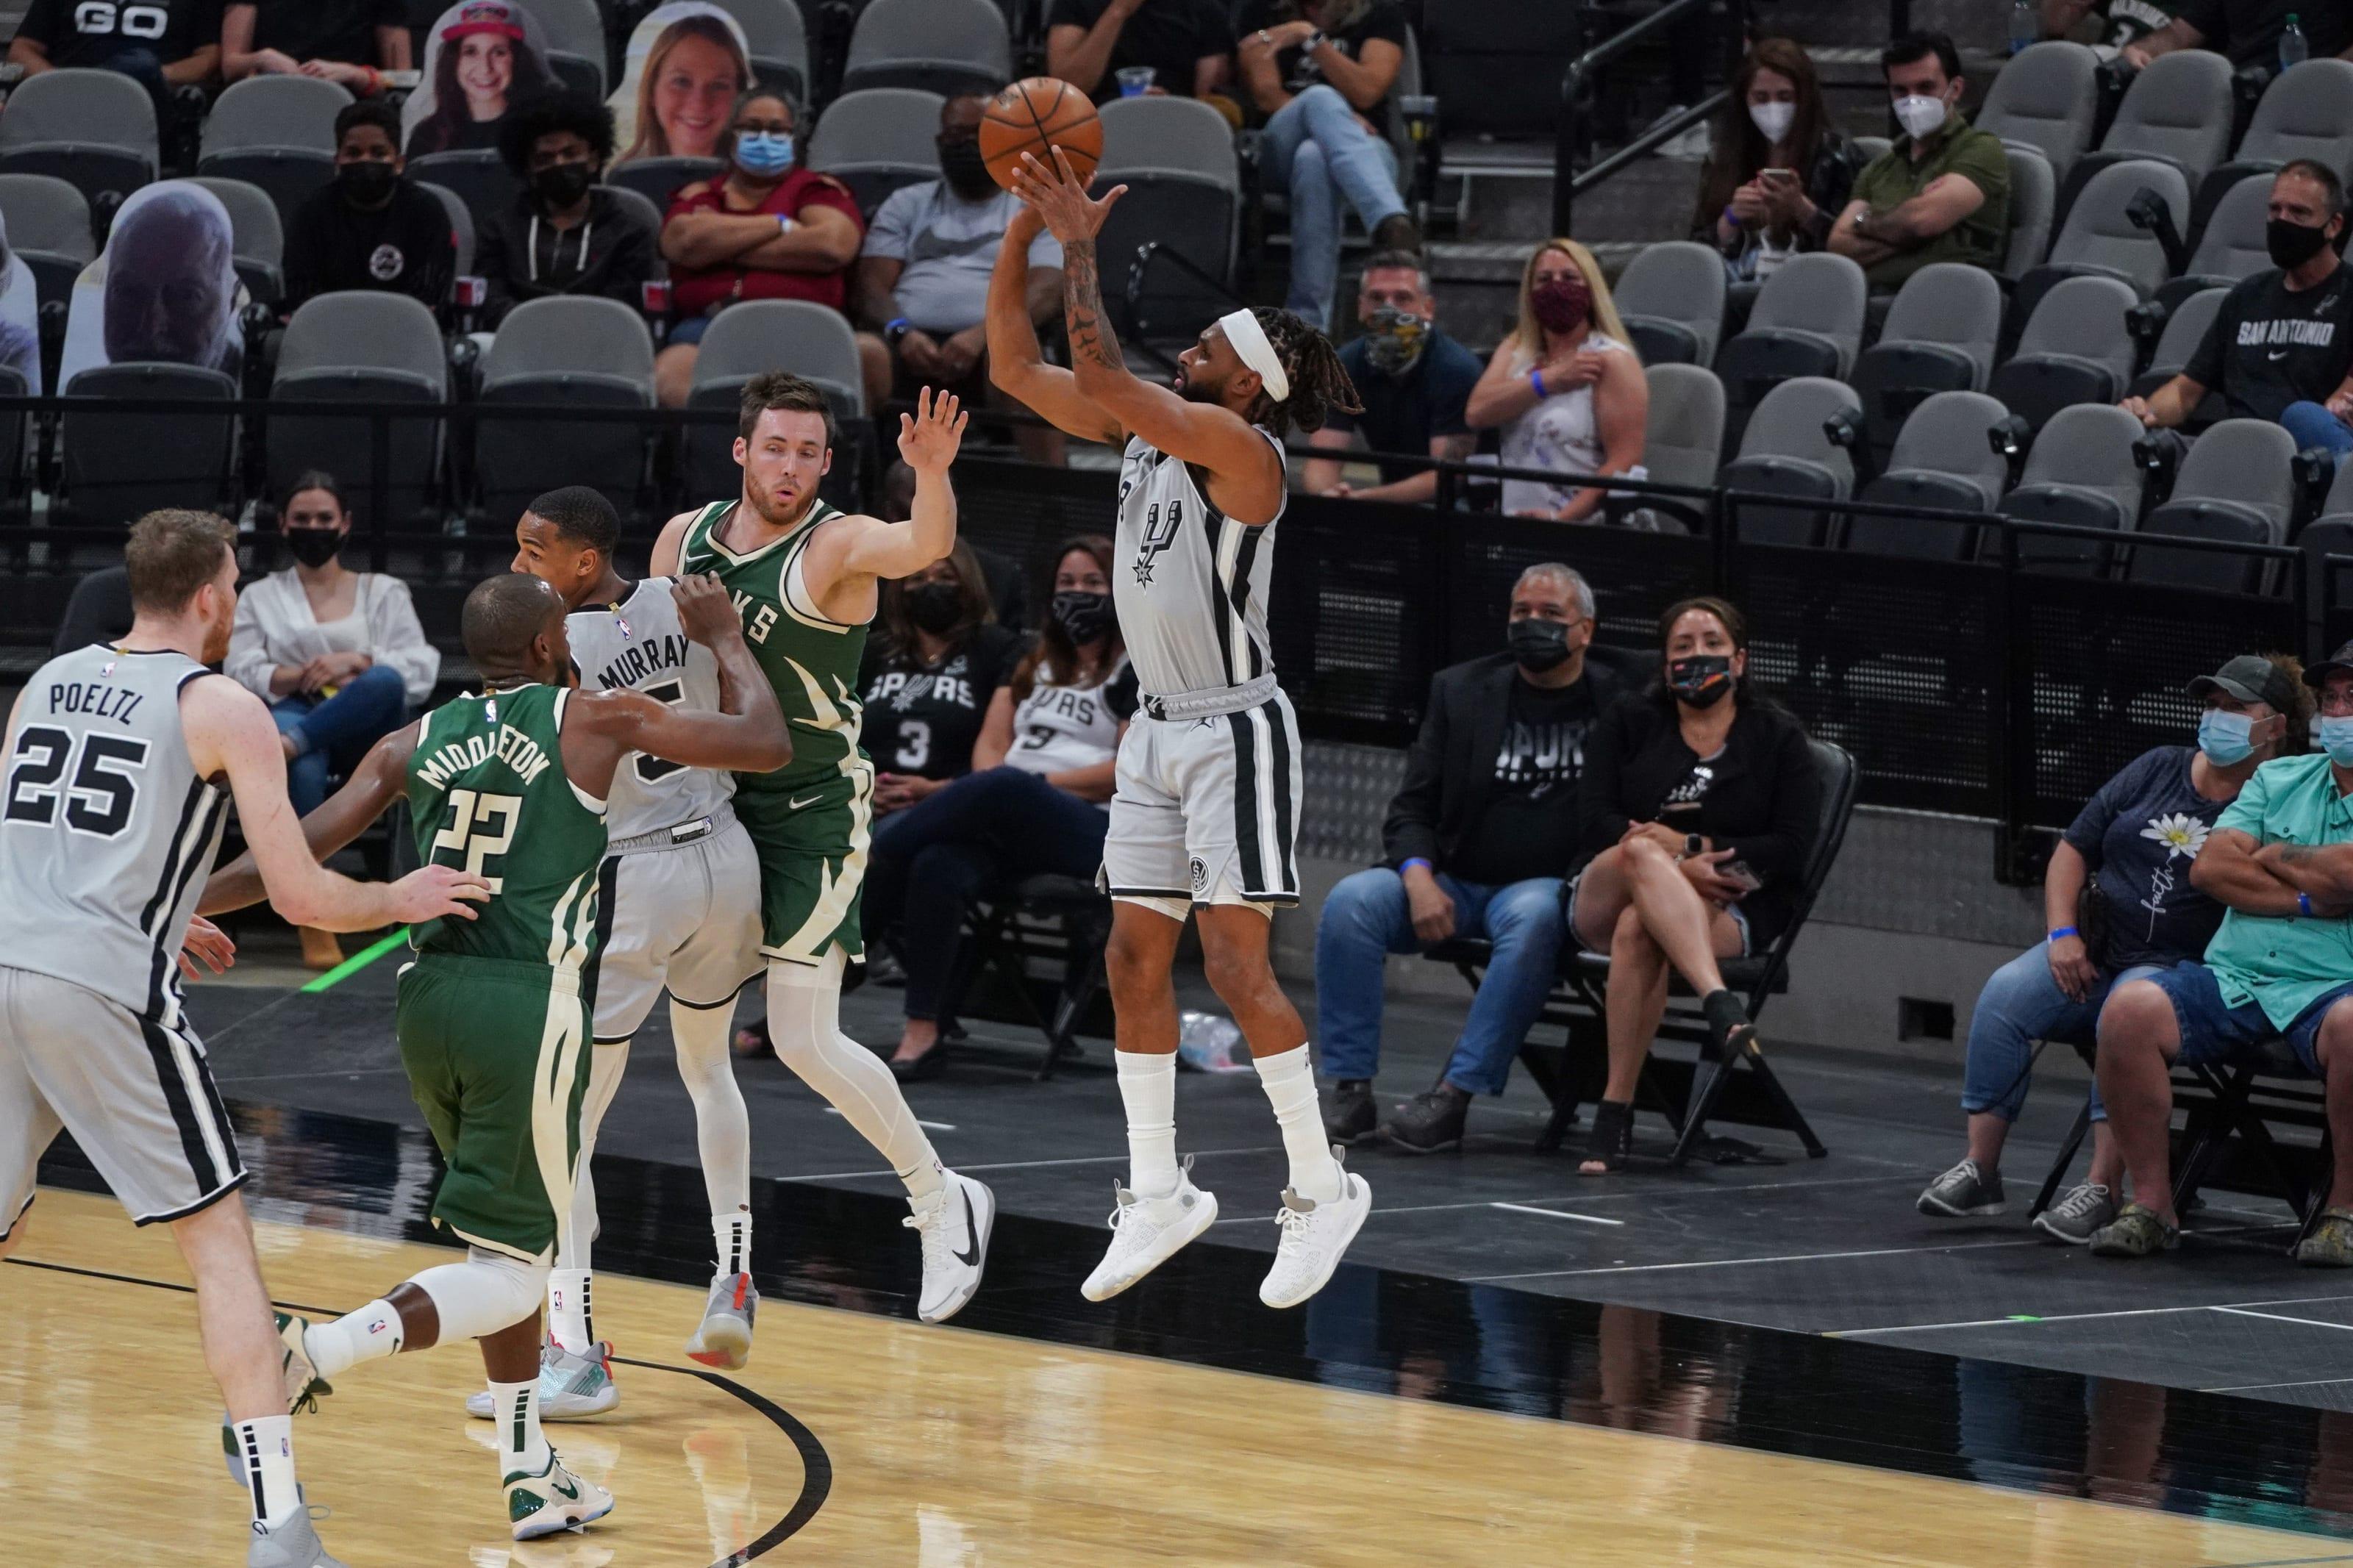 Milwaukee Bucks: Khris Middleton, Pat Connaughton, San Antonio Spurs: Jakob Poetly, Dejounte Murray, Patty Mills